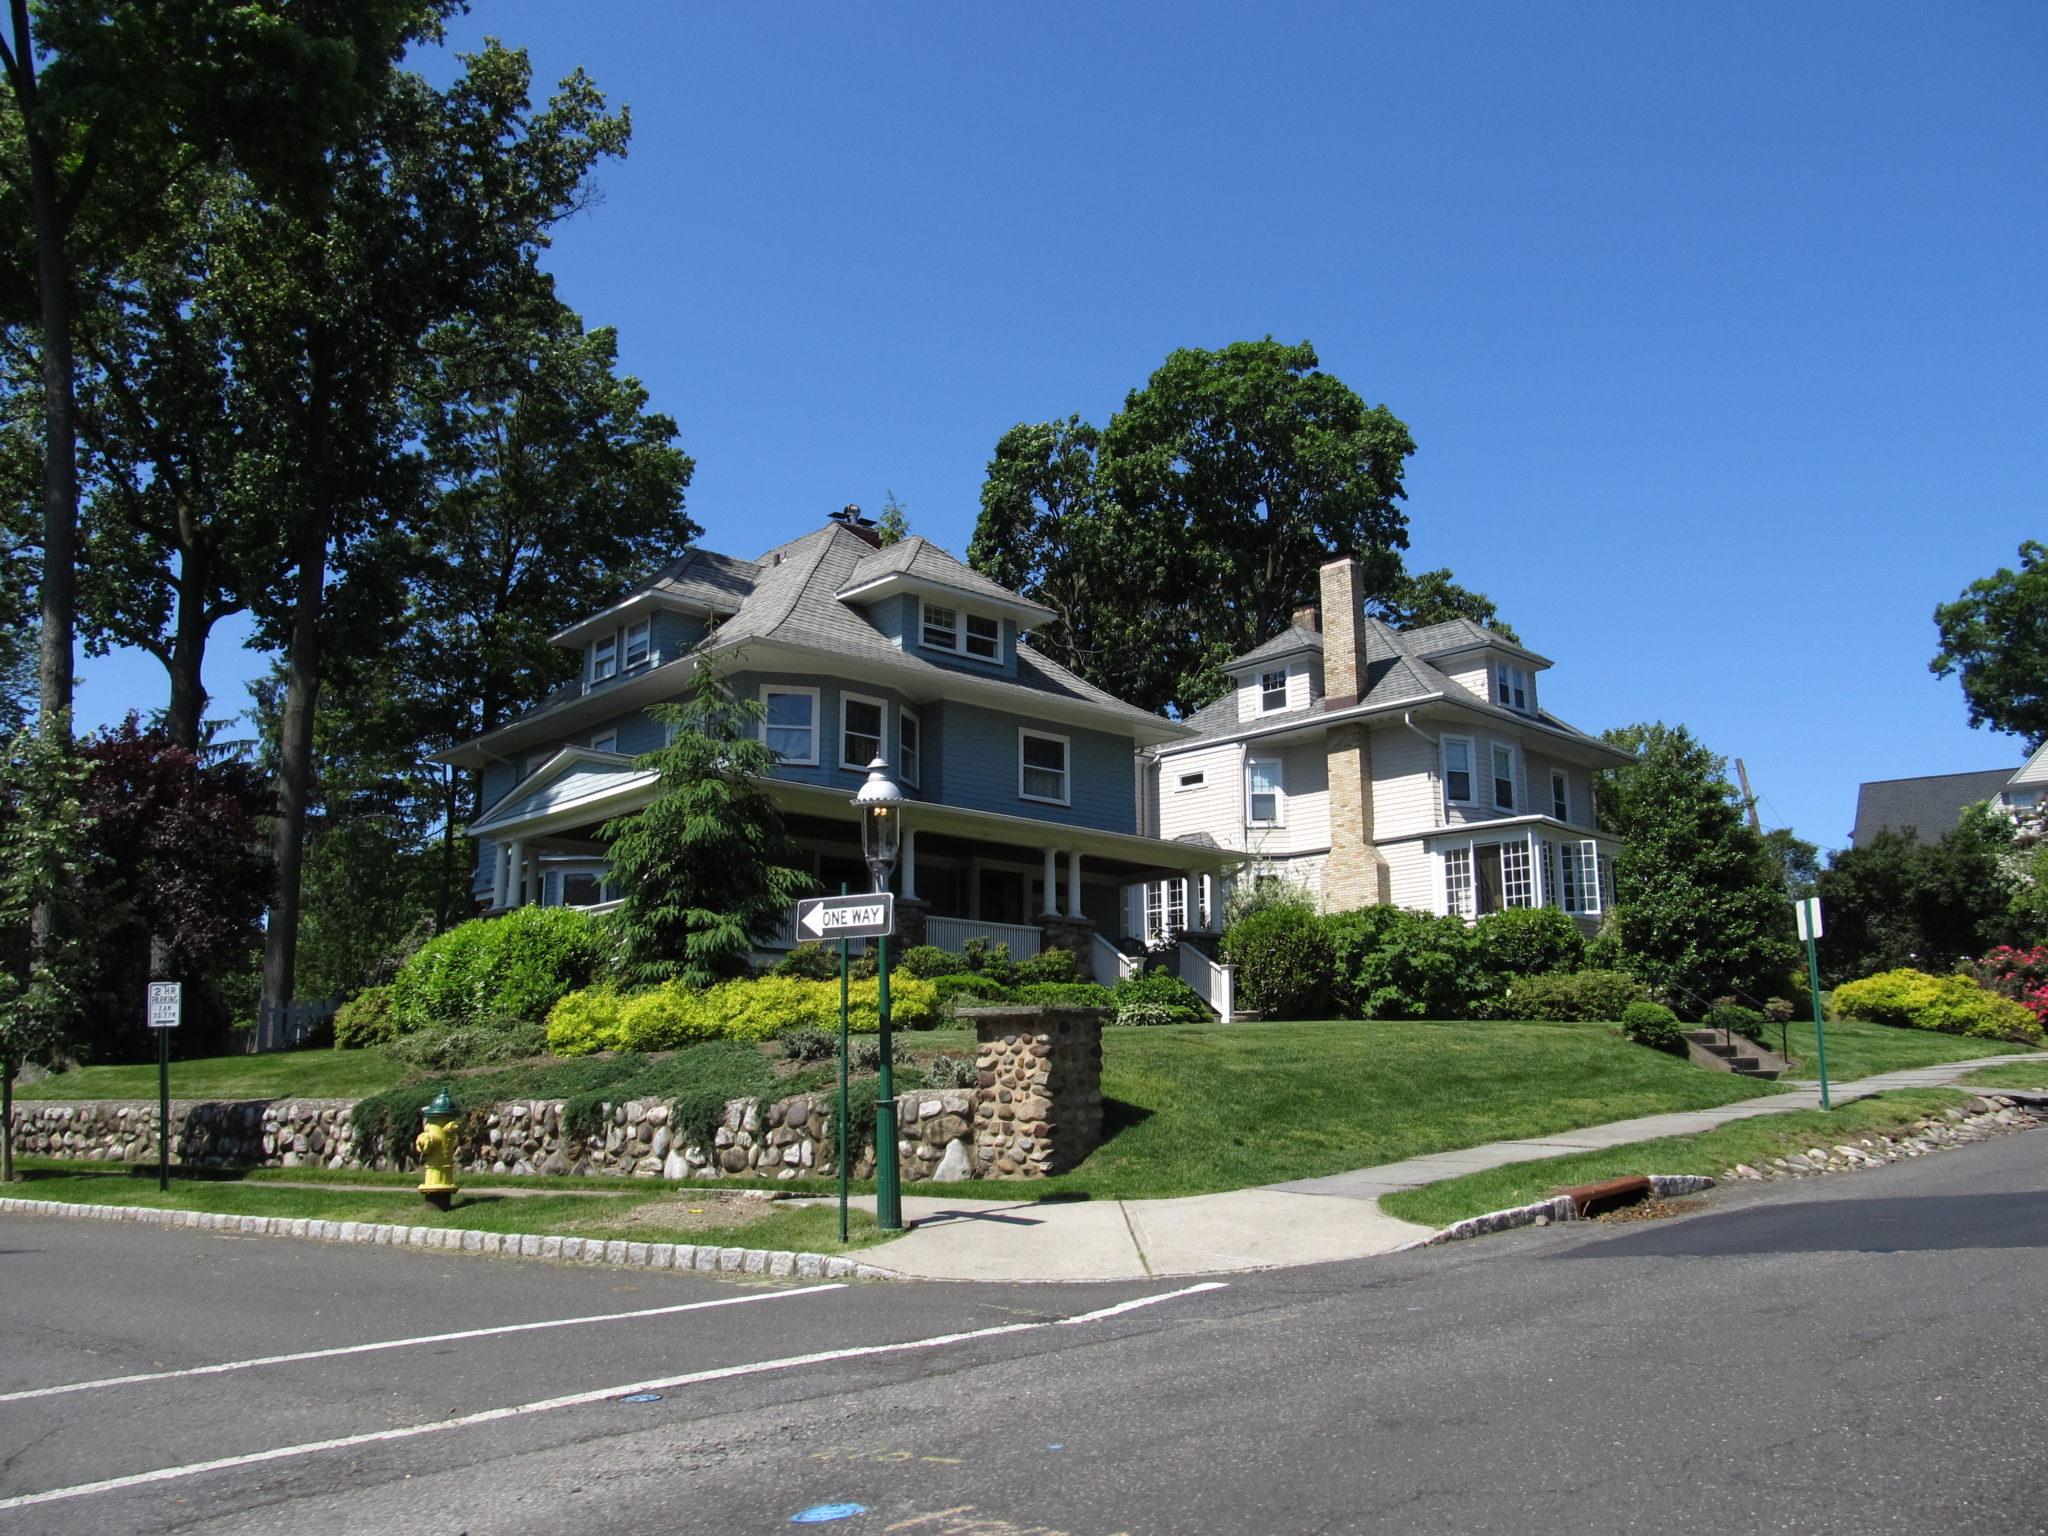 Home in Glen Ridge / Flickr user Ken Lund